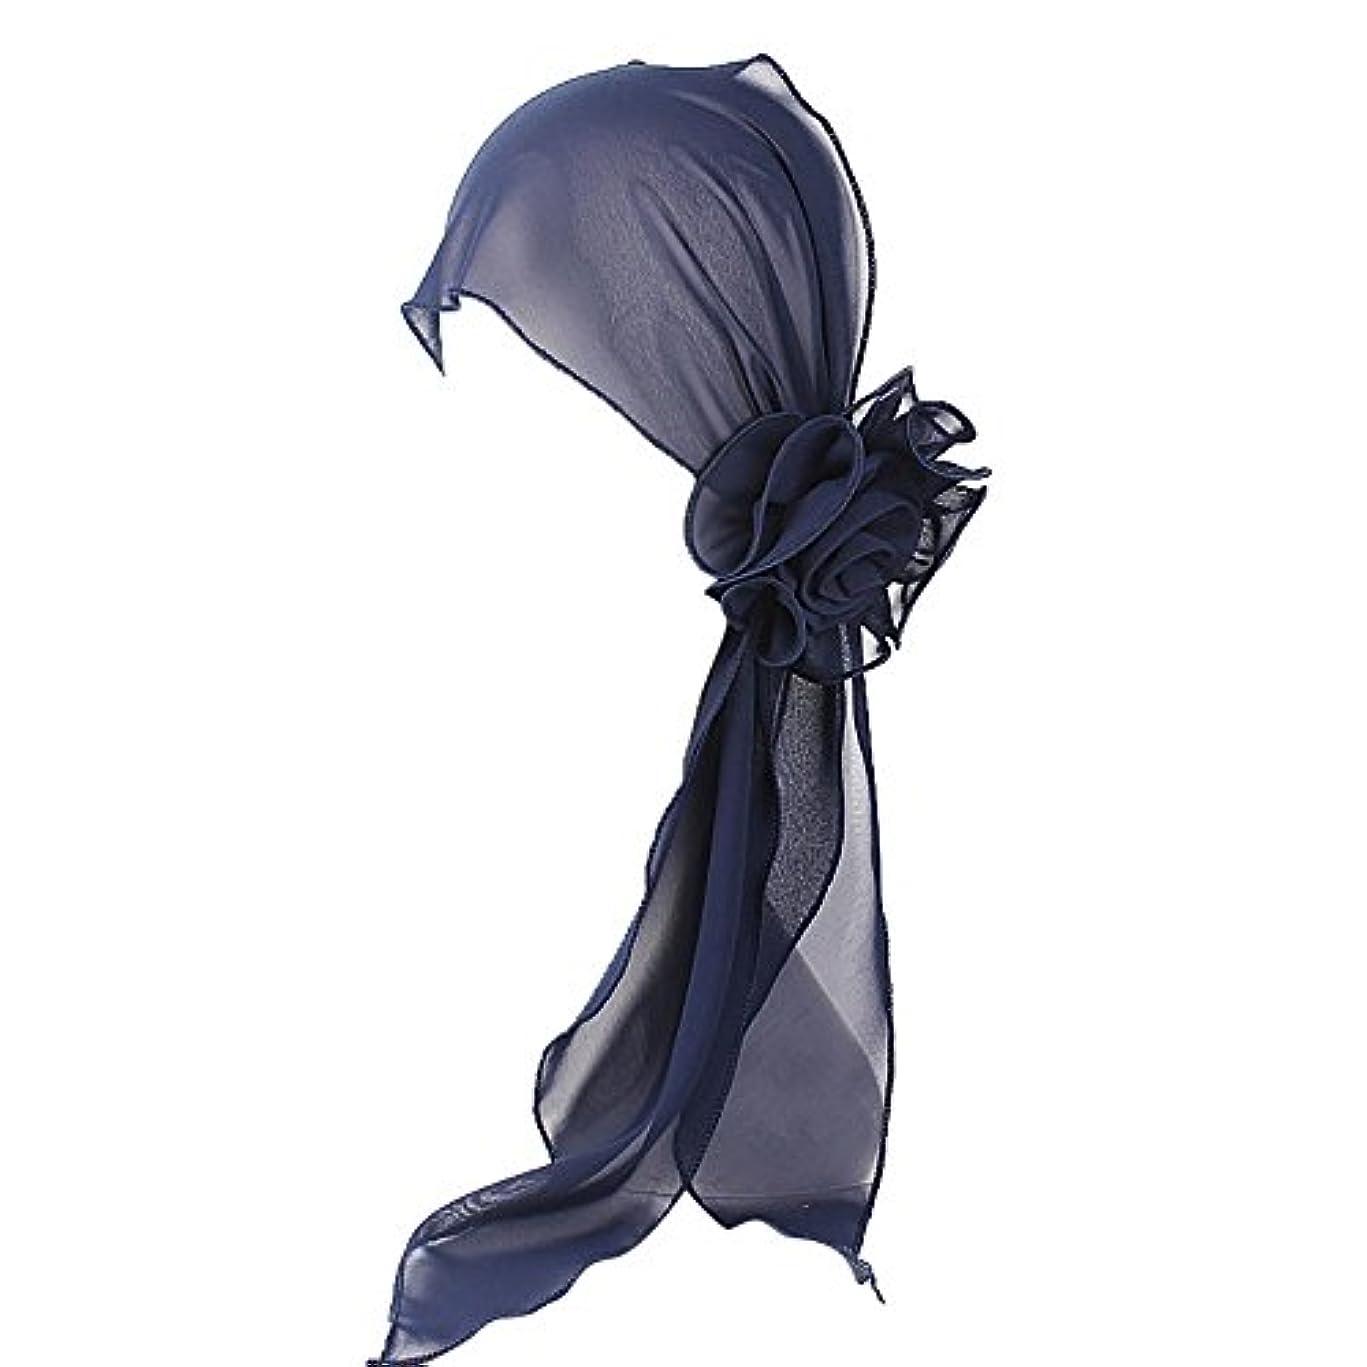 傾く行政しつけヘッドスカーフ ハット 帽子 Timsa レディース スカーフキャップ 花の形 ヘッドスカーフ 睡眠 抗UV 脱毛症 化学療法の患者のために バイザー 夏用帽子 イスラム教徒 フヘッドバンド スカーフ ヒジャブ 山の日...